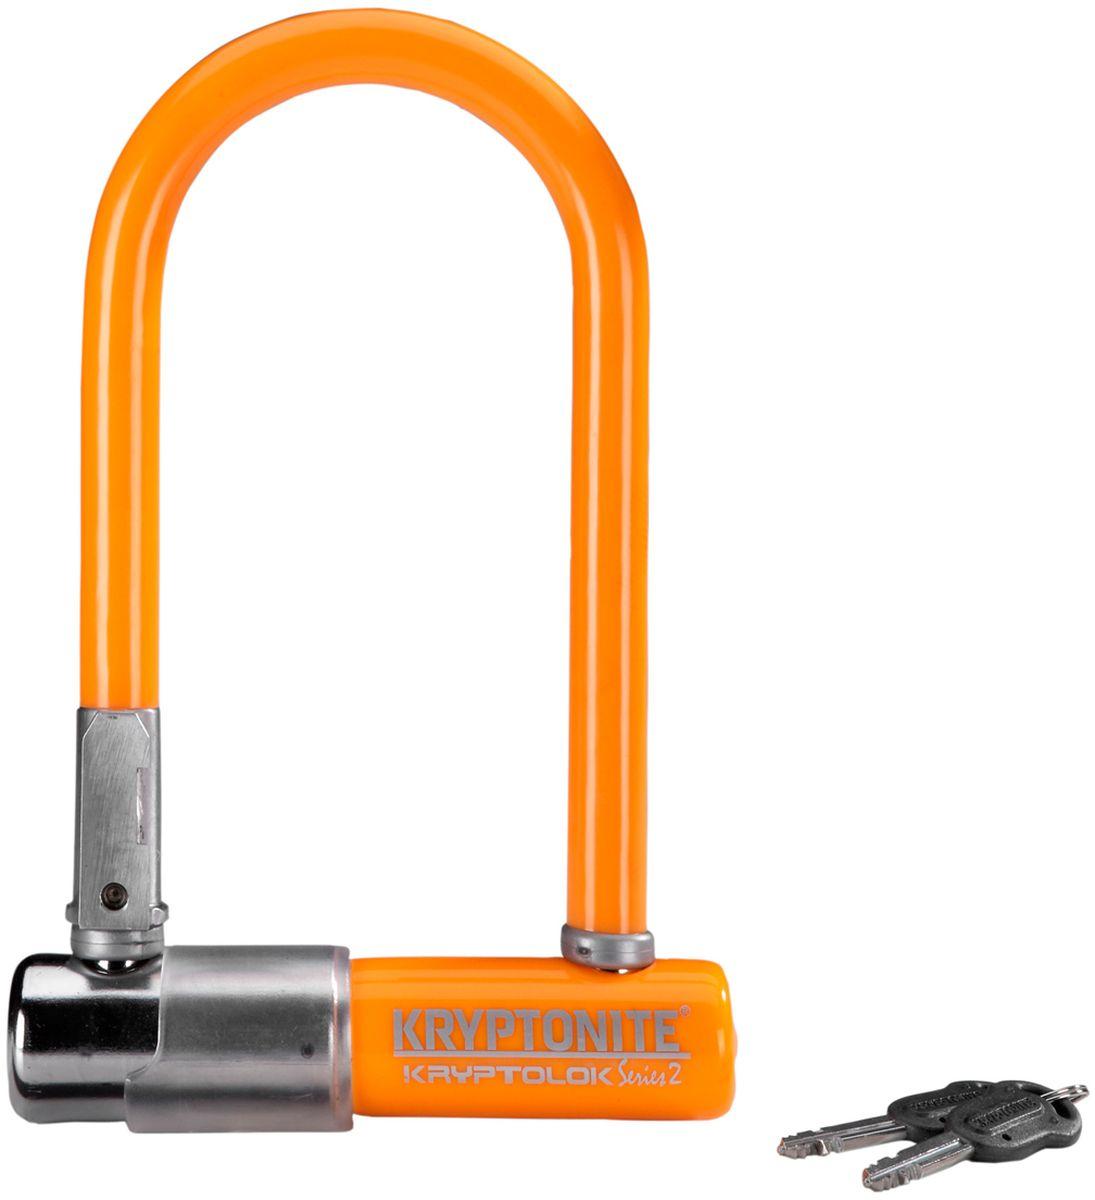 Замок велосипедный Kryptonite U-locks KryptoLok Series 2 Mini-7, U-образный, цвет: оранжевый, 8,2 х 17 см0720018001577Велозамок Kryptonite Kryptolok series 2 Mini-7 имеет компактный размер, надёжность и яркую цветовую гамму.Уникальный набор ключей, 13-ти миллиметровая дужка и двойная конструкция засова гарантированно не поддадутся кусачкам и взлому. Благодаря своим габаритам, u-lock легко возить с собой в сумке или за ремнем.Характеристики:- 13 мм закаленная стальная скоба;- Система Transit Flex Frame-U для крепления к раме байка;- Виниловое покрытие, не оставляющее царапин на раме;- Защита от стука и шума;- Защита от пыли и влаги;- В комплекте - 2 ключа;- Уровень защиты 6 из 10.Диаметр дуги замка: 13 мм.Размеры замка: 8,2 х 17 см.Вес модели: 1,11 кг.